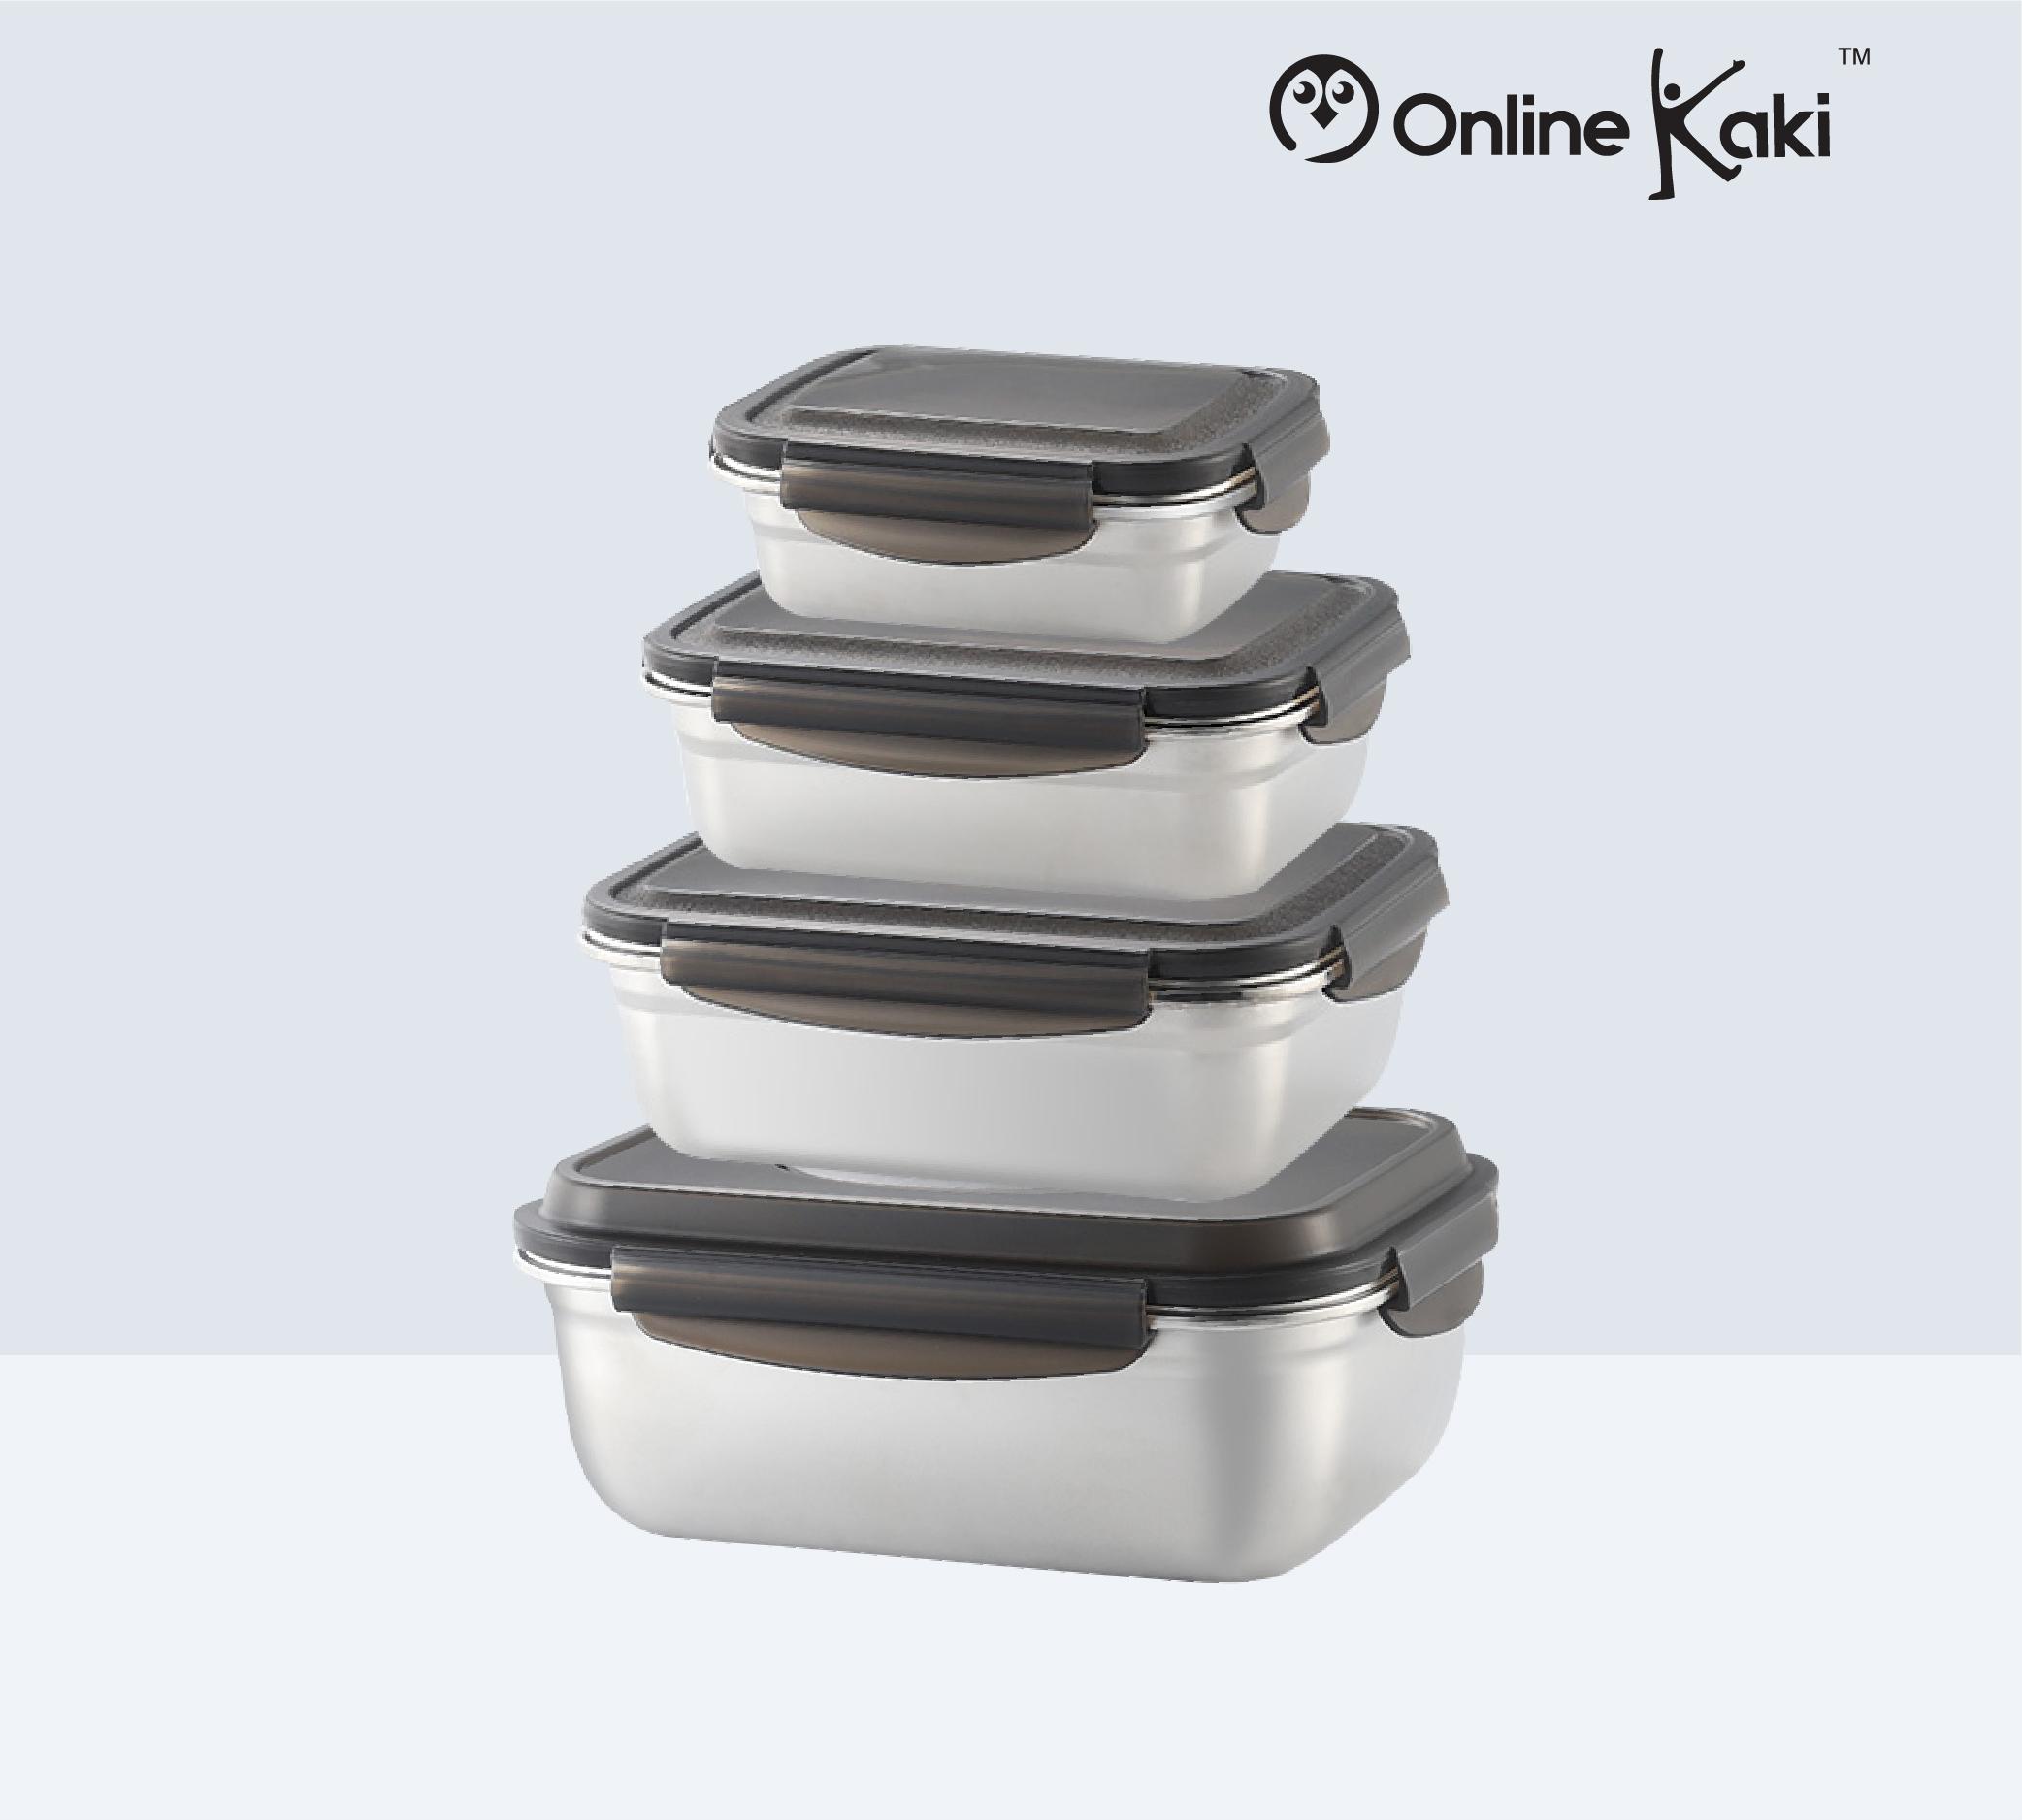 STAINLESS STEEL FOOD STORAGE FS 2878 SET 不锈钢保鲜盒装